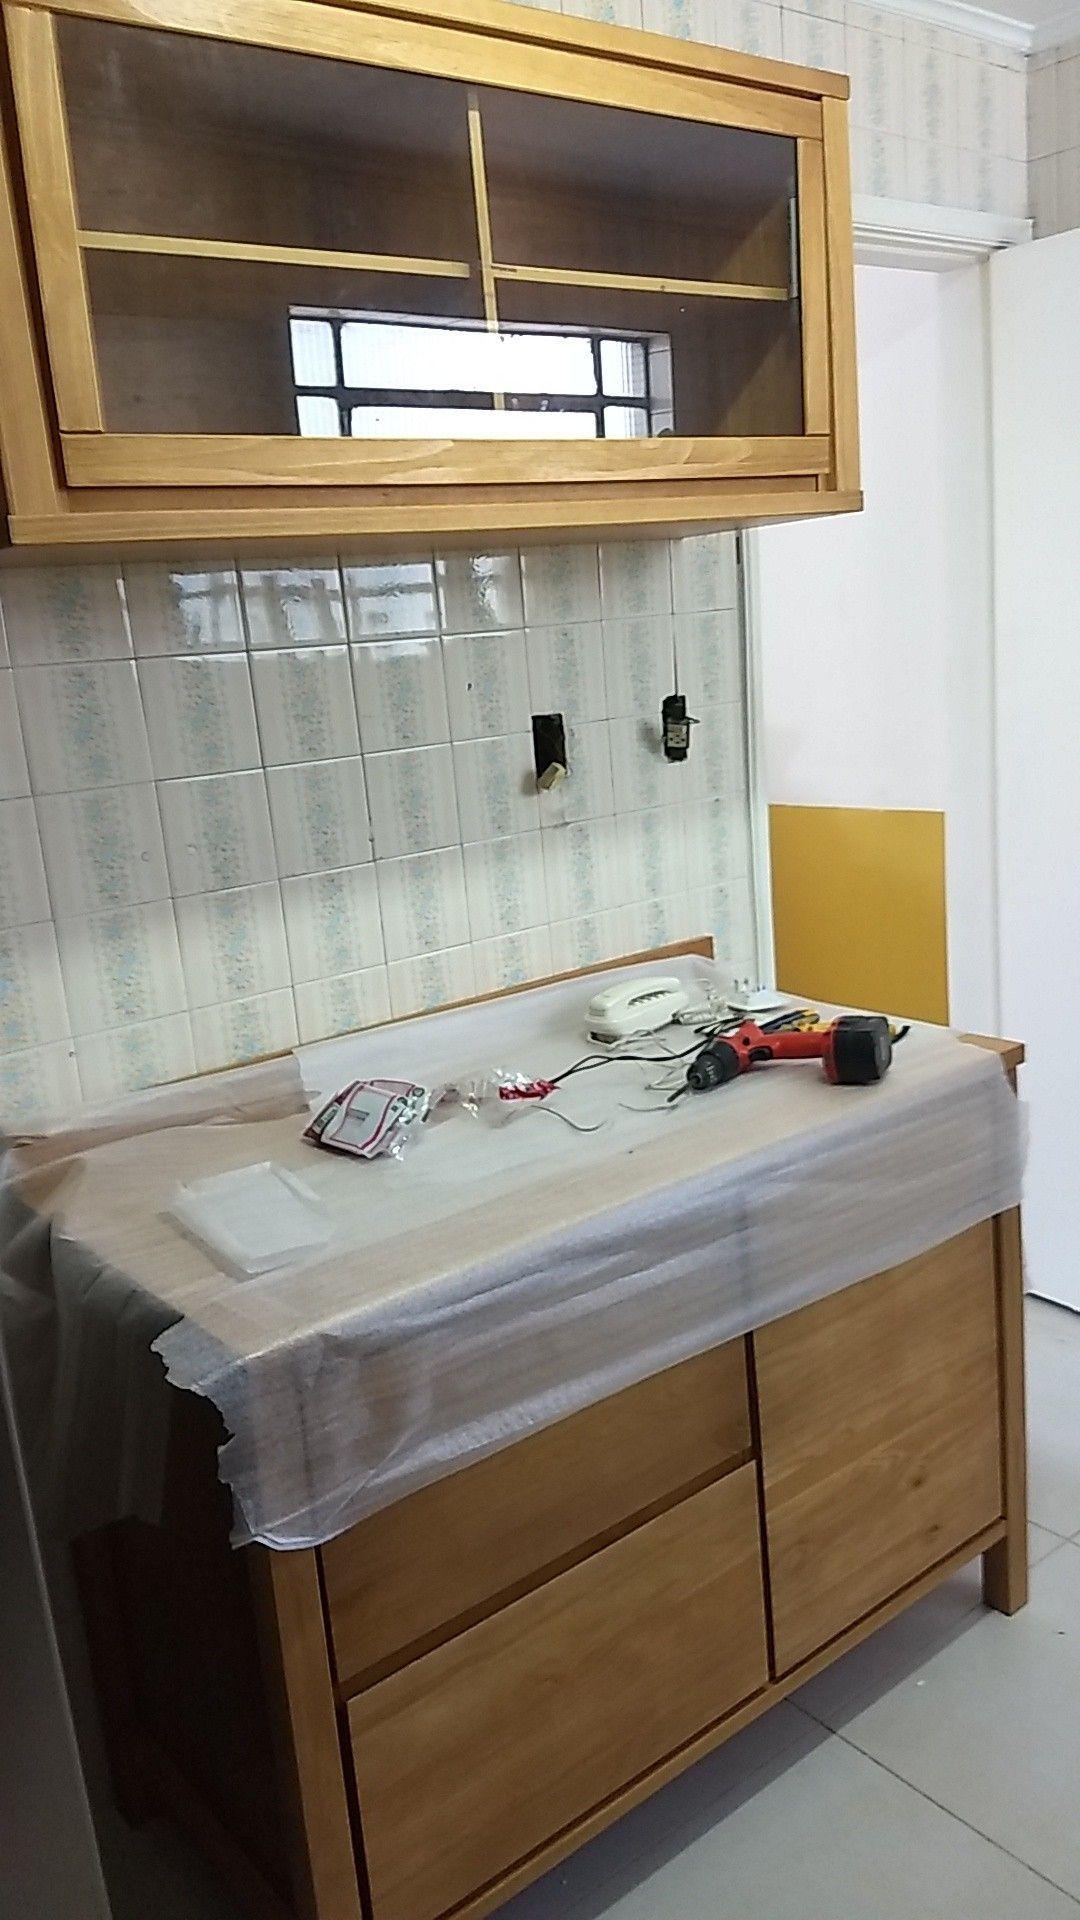 Finalizando armário Tok Stok madeira